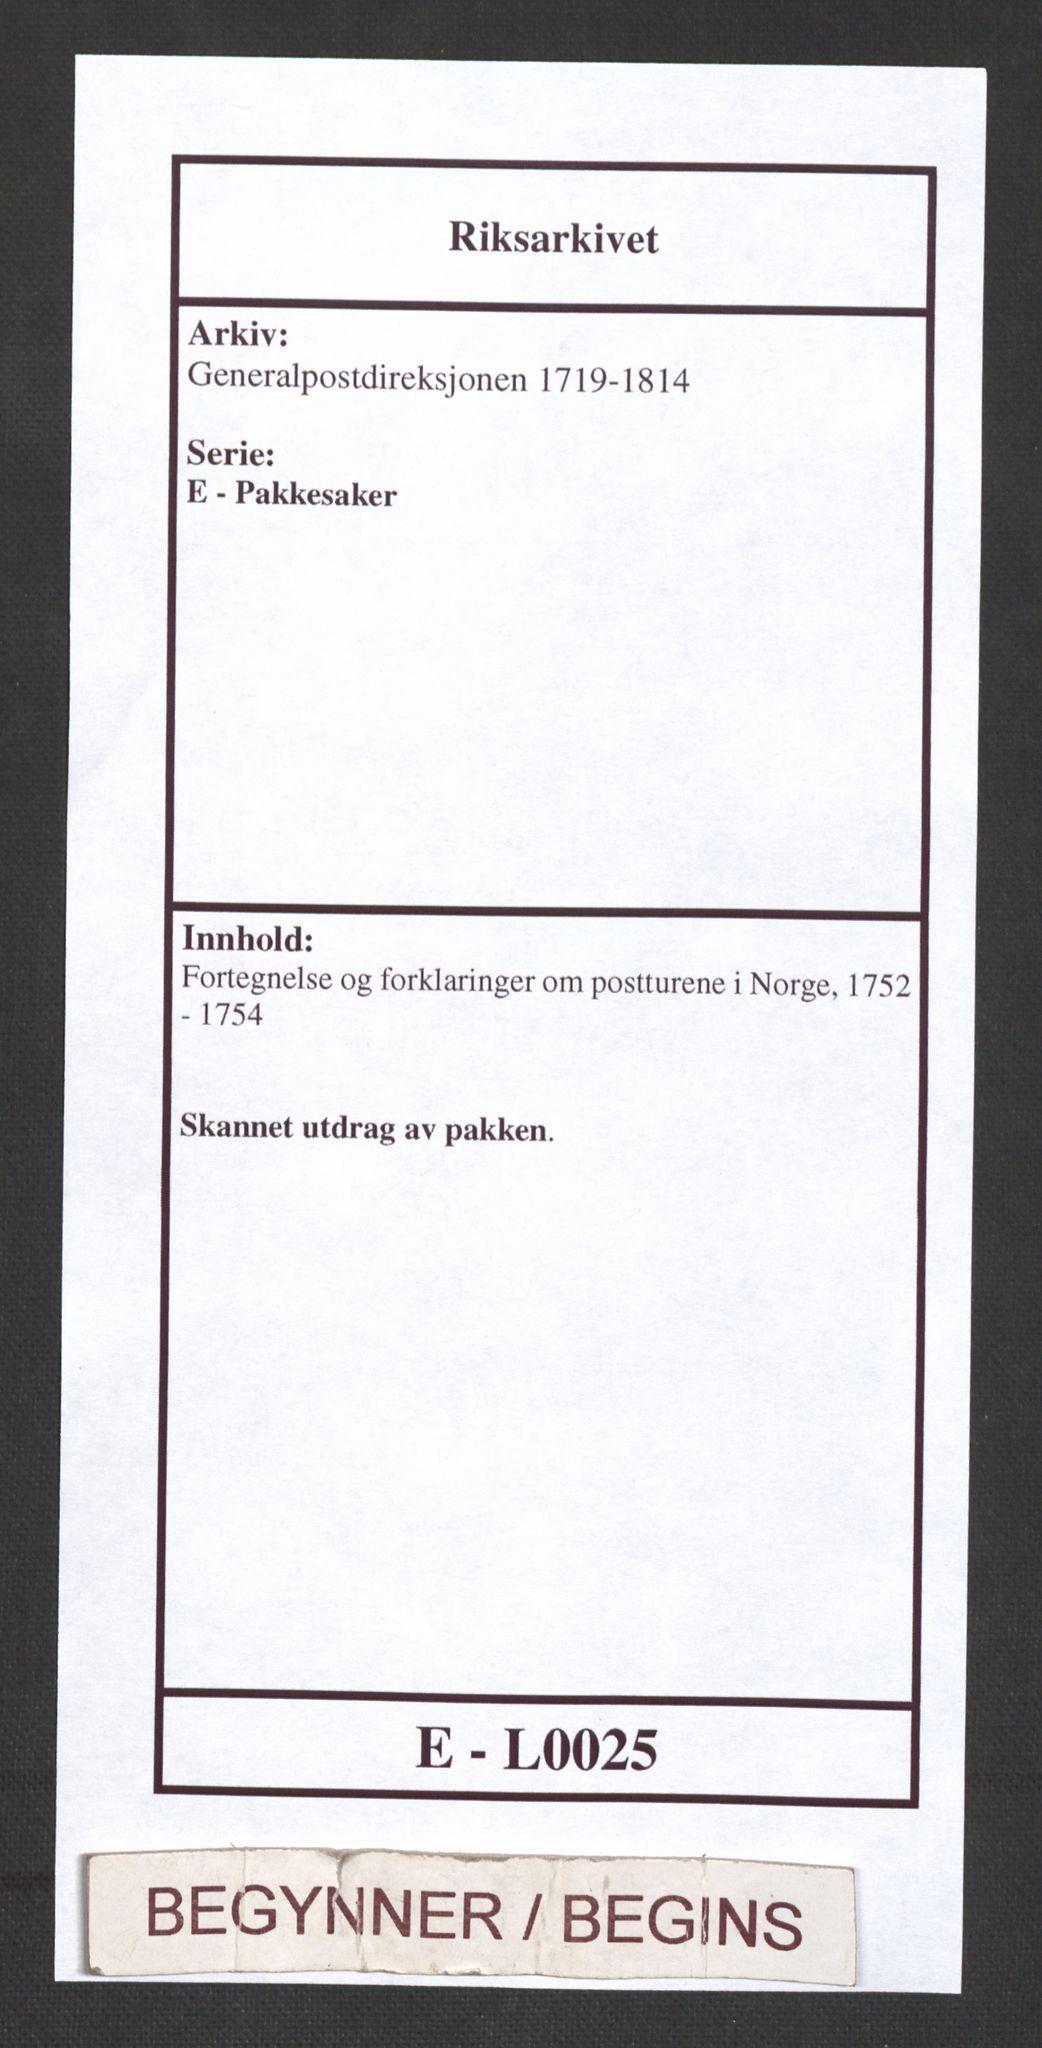 RA, Generalpostdireksjonen 1719-1814, E/L0025: Fortegnelse og forklaringer om postturene i Norge, 1752-1754, s. 1